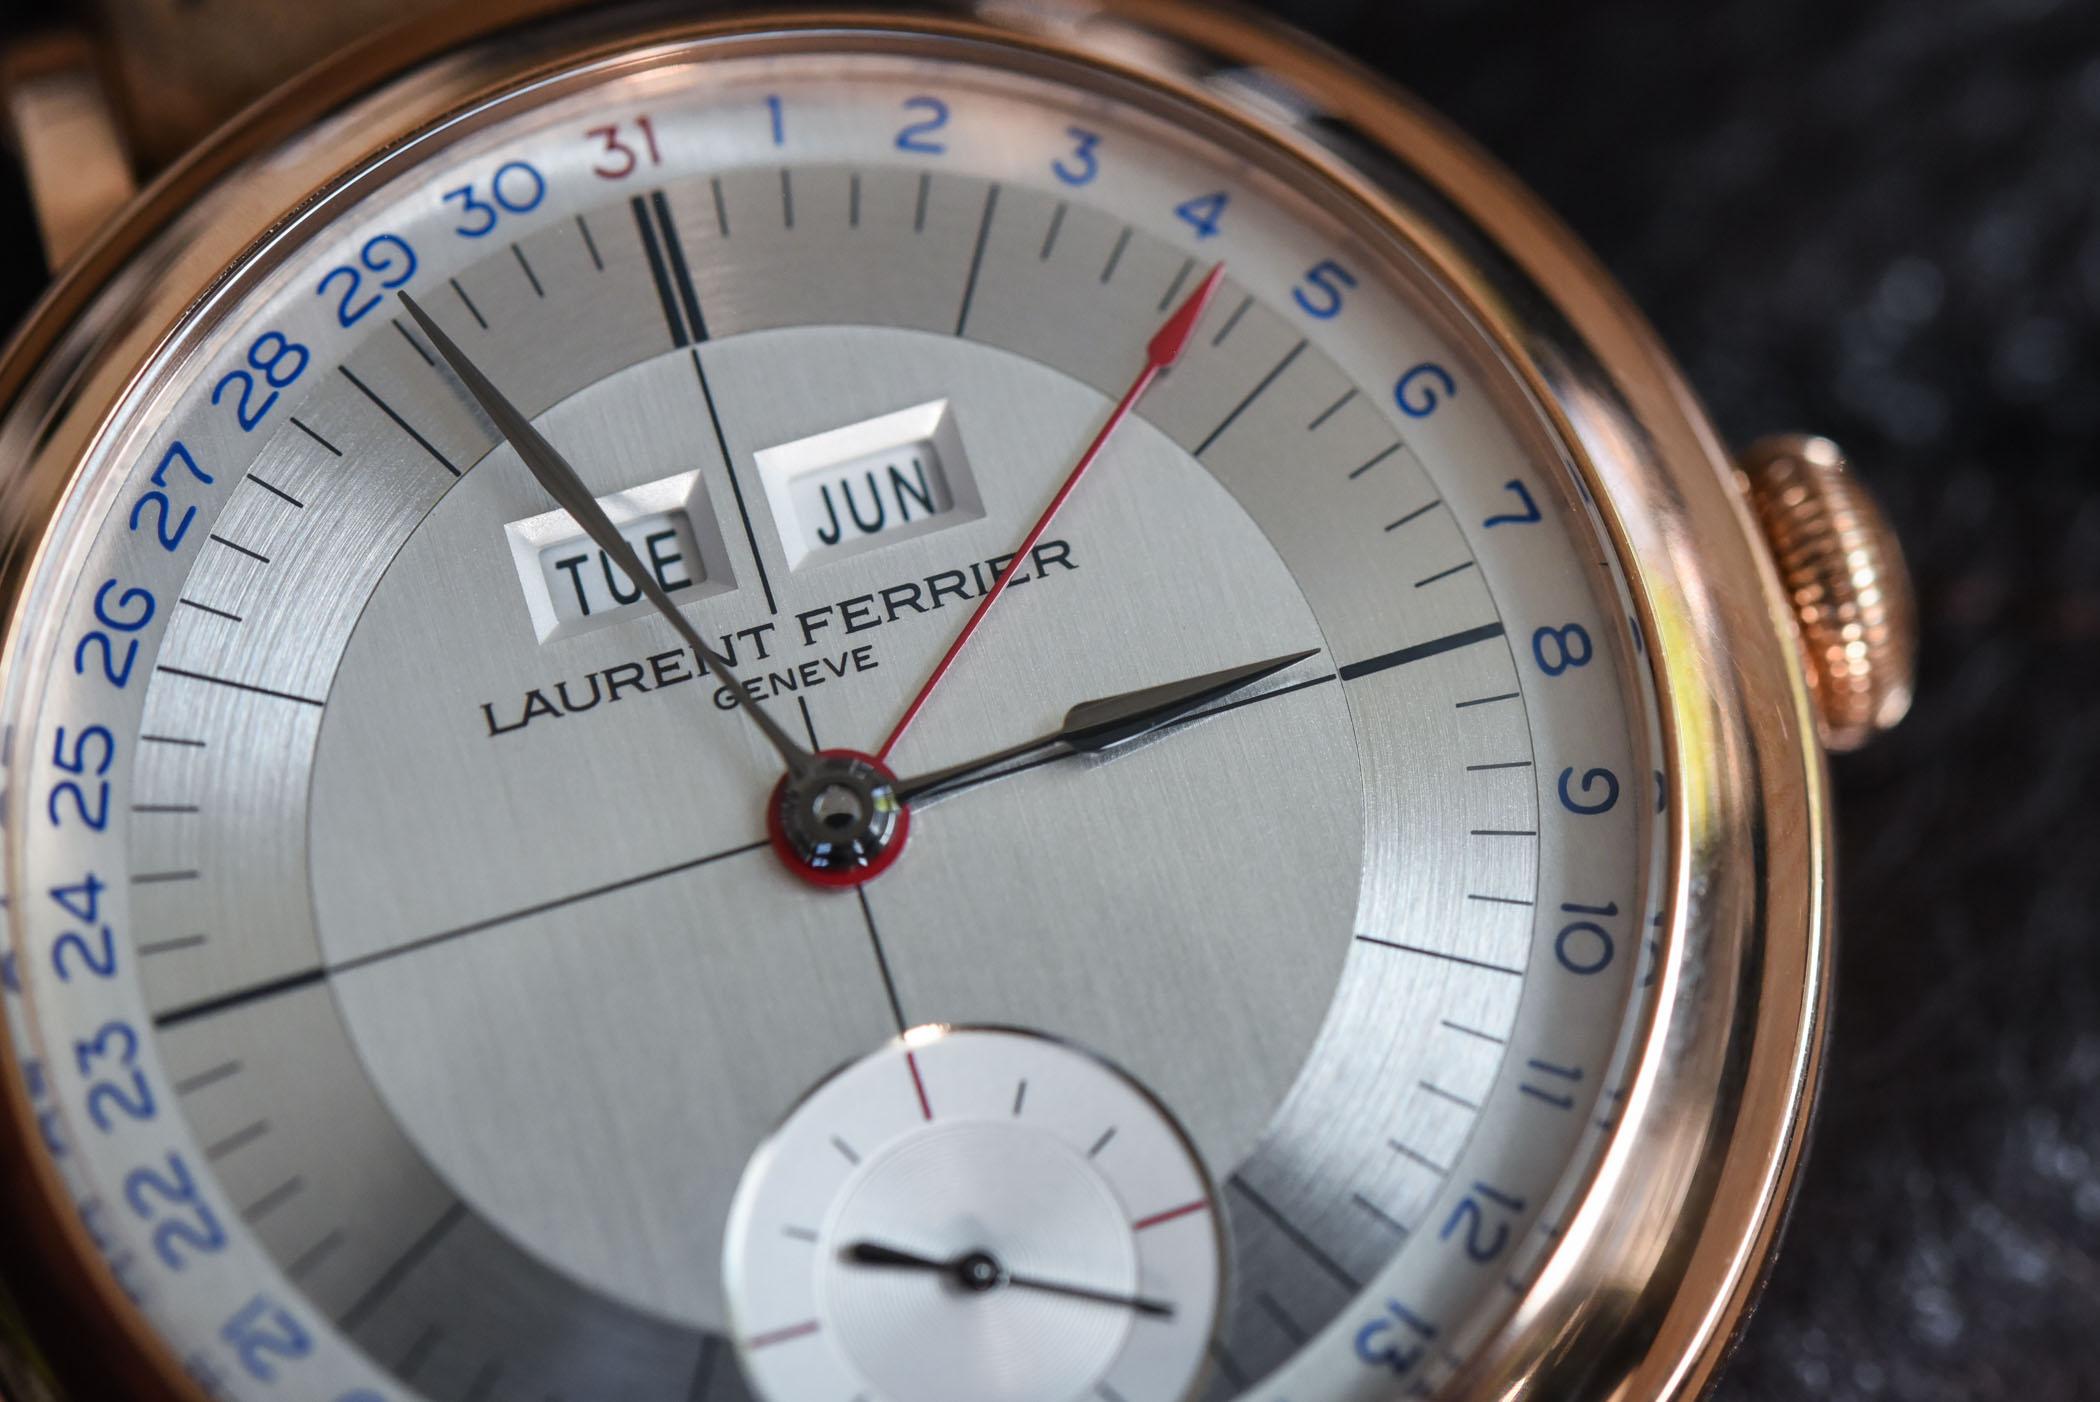 Laurent Ferrier Annual Calendar School Piece - Battle of High-End Annual Calendar Watches